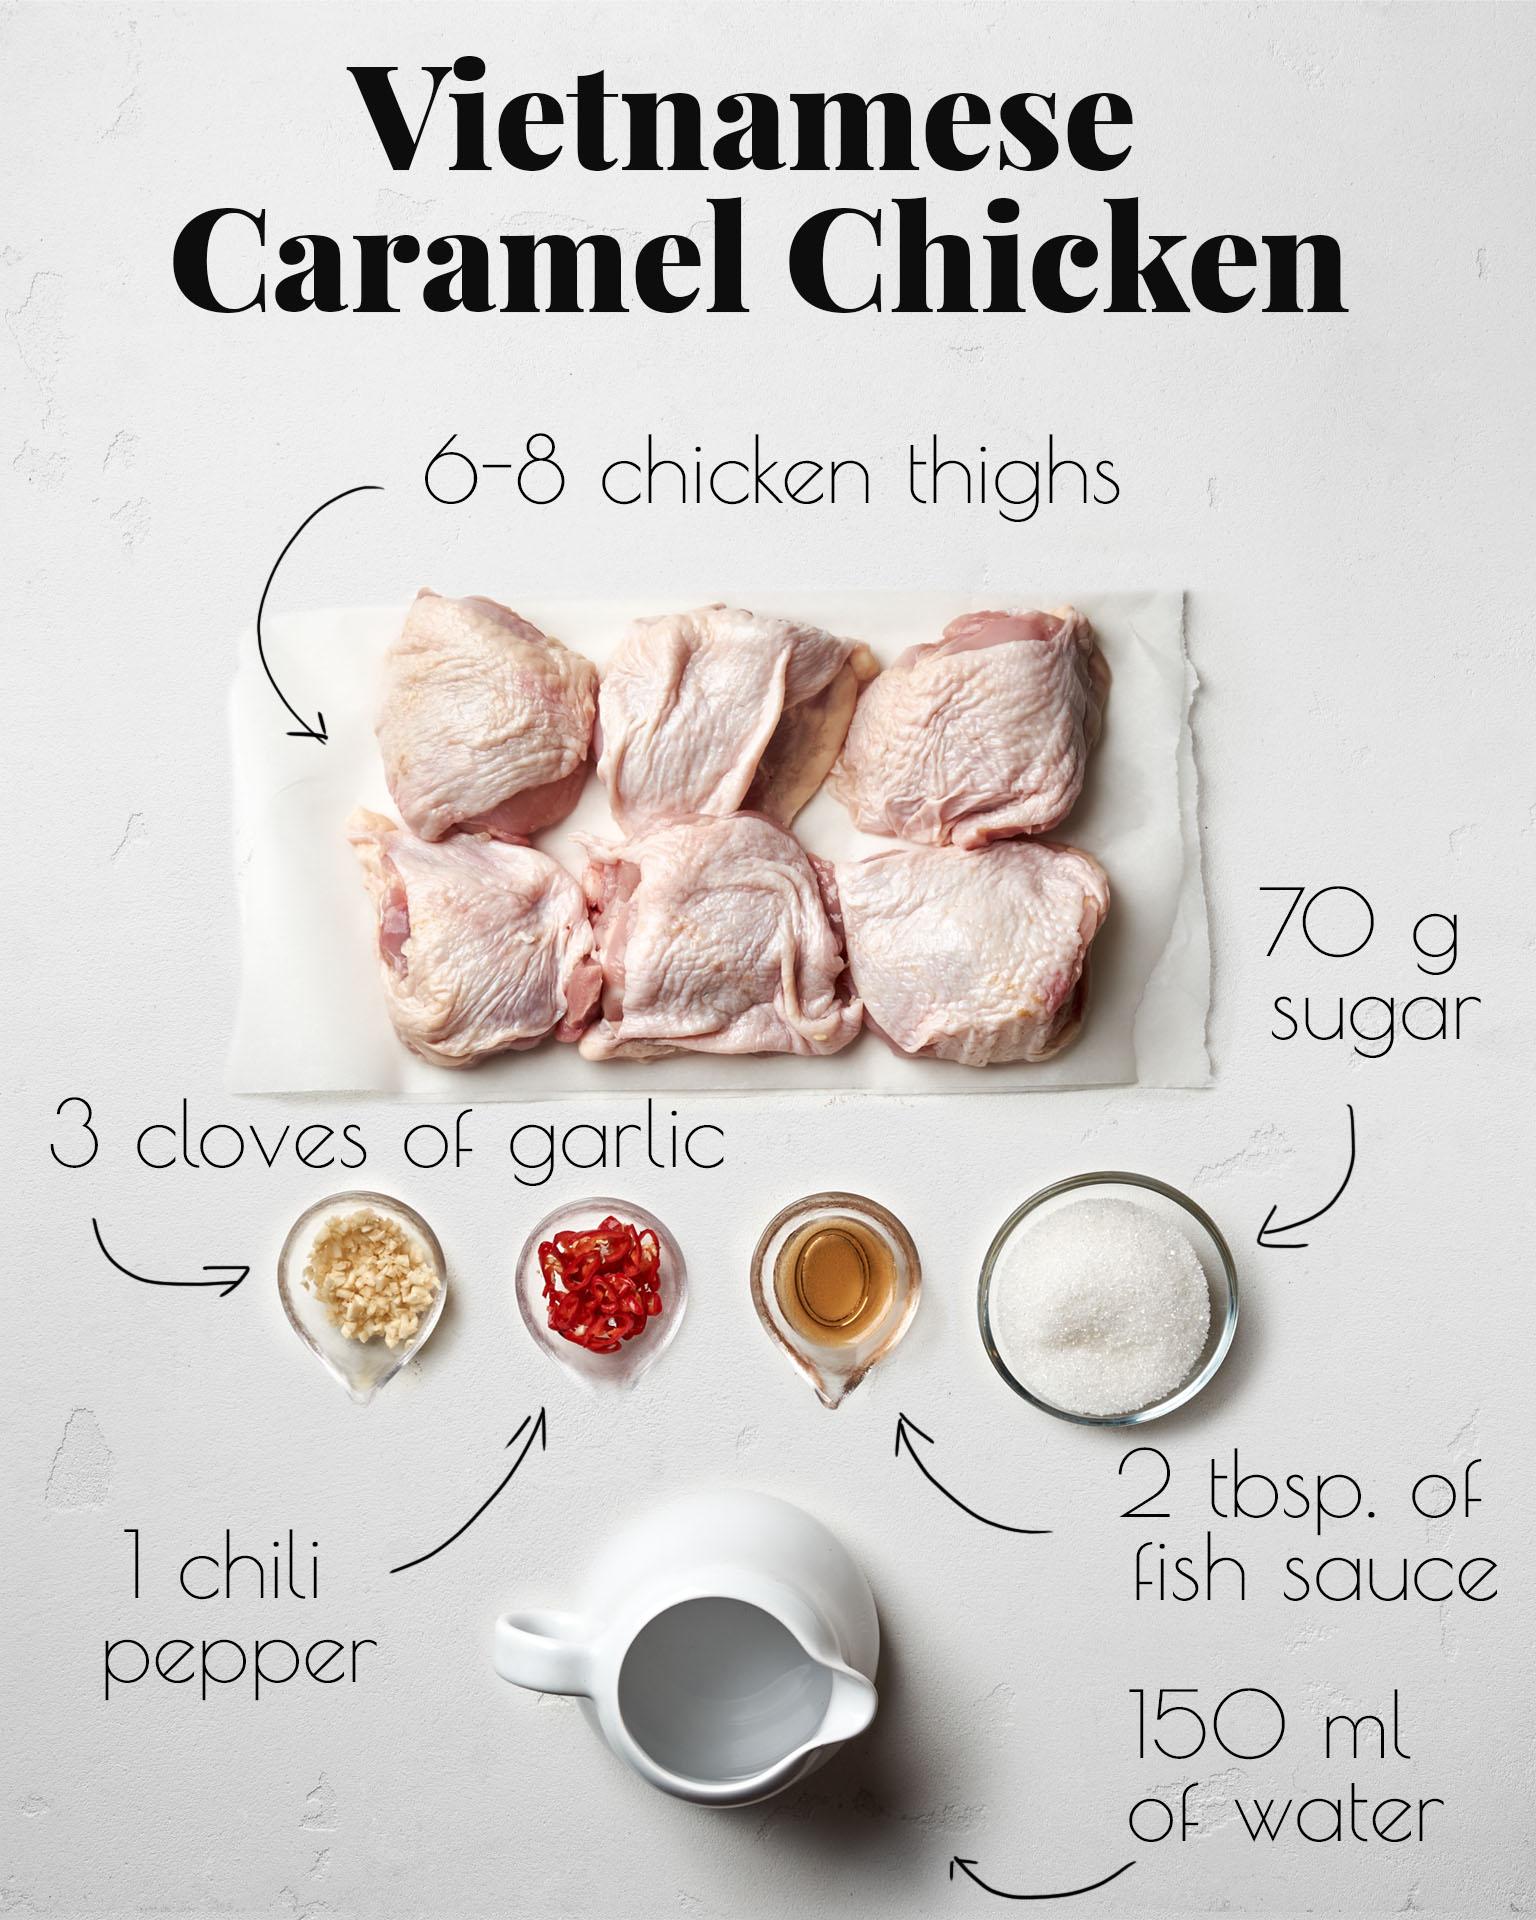 Caramel Chicken Ingredients